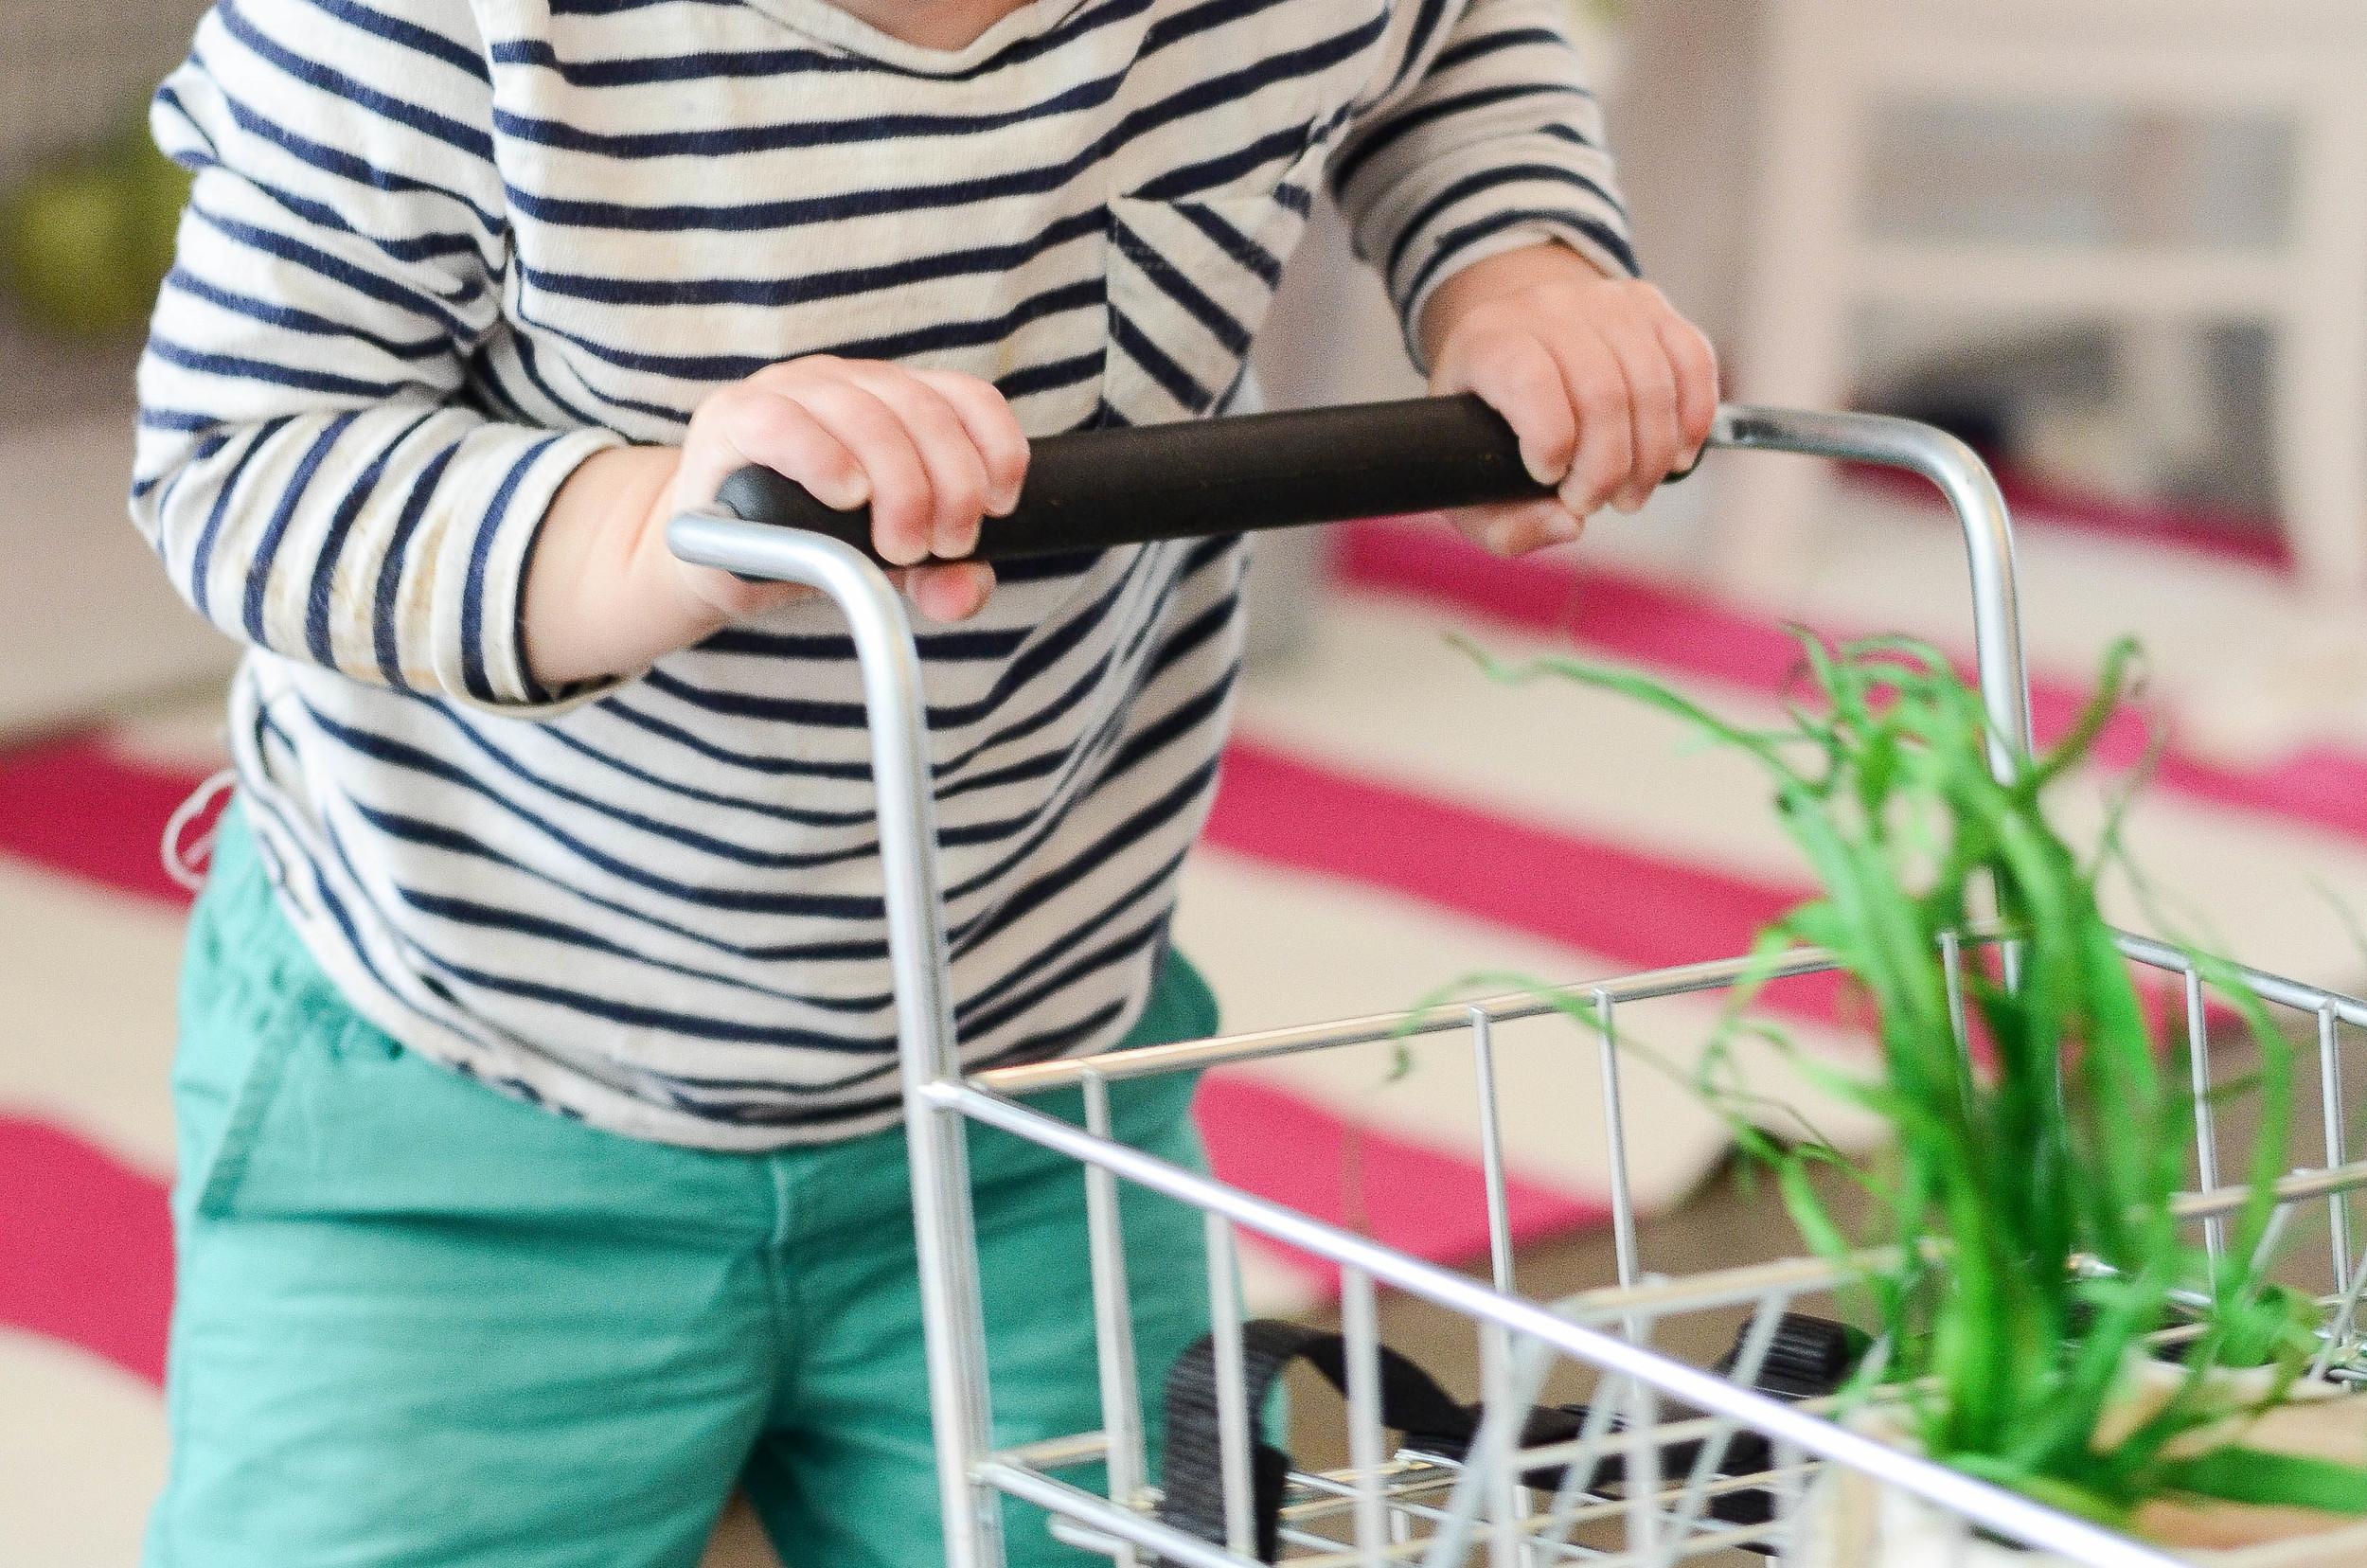 kids play grocery cart.jpg